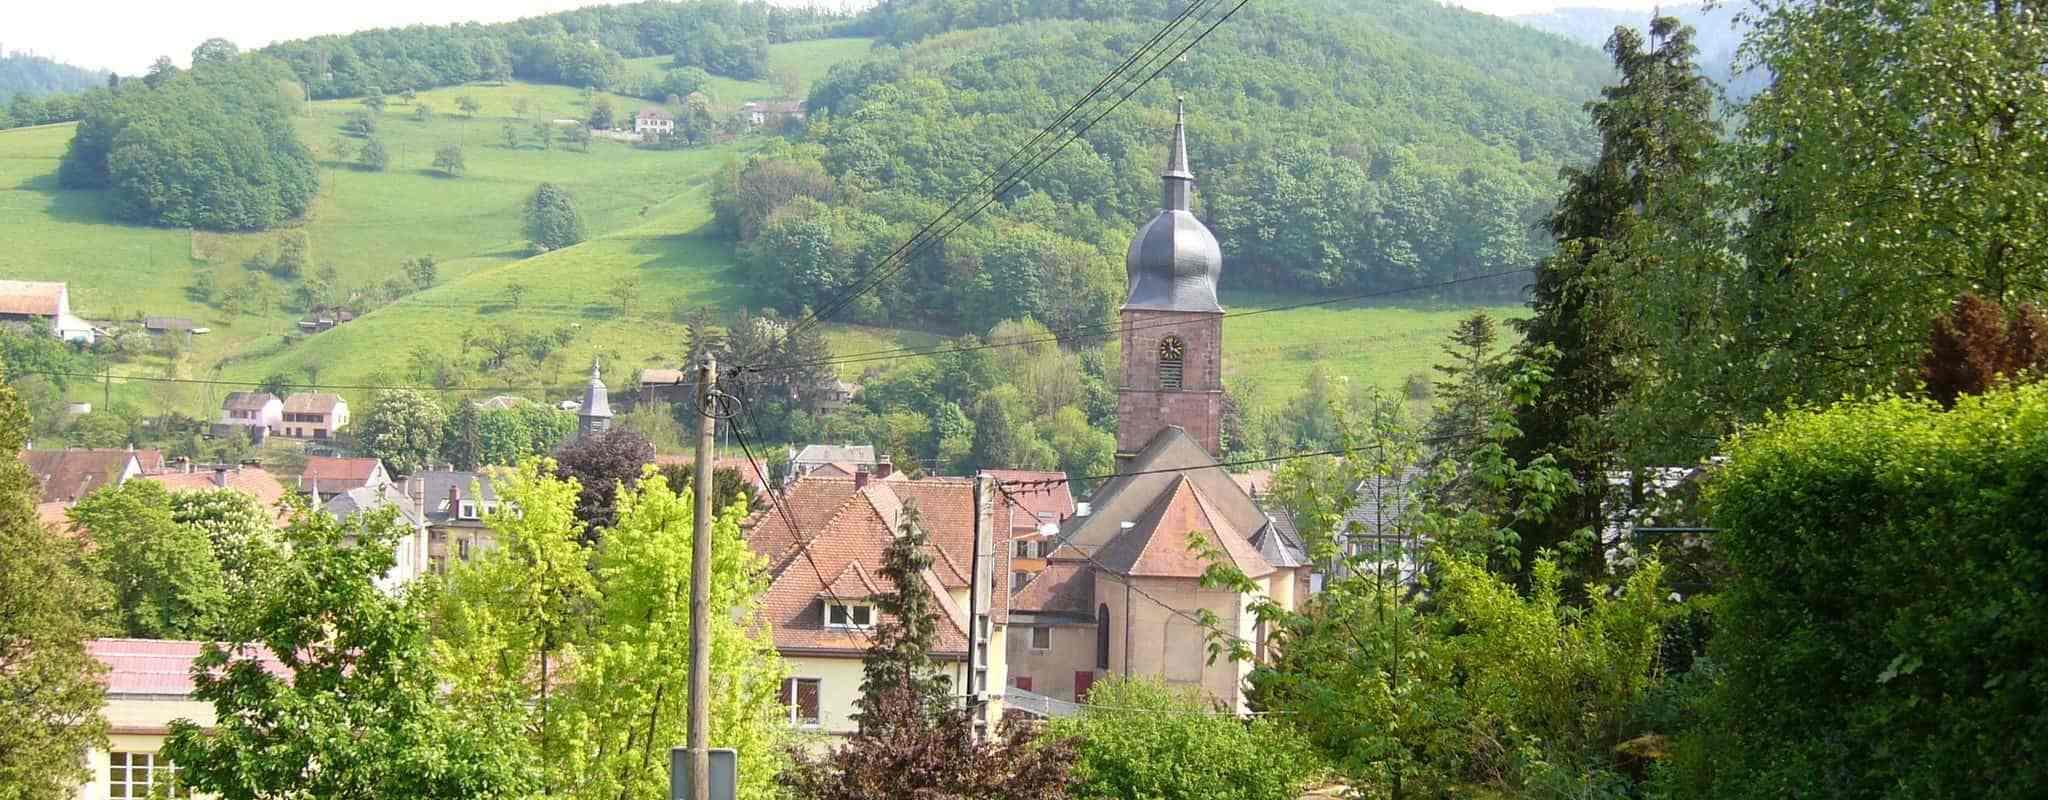 À Sainte-Marie-aux-Mines, de nouvelles élections municipales d'ici fin janvier 2021